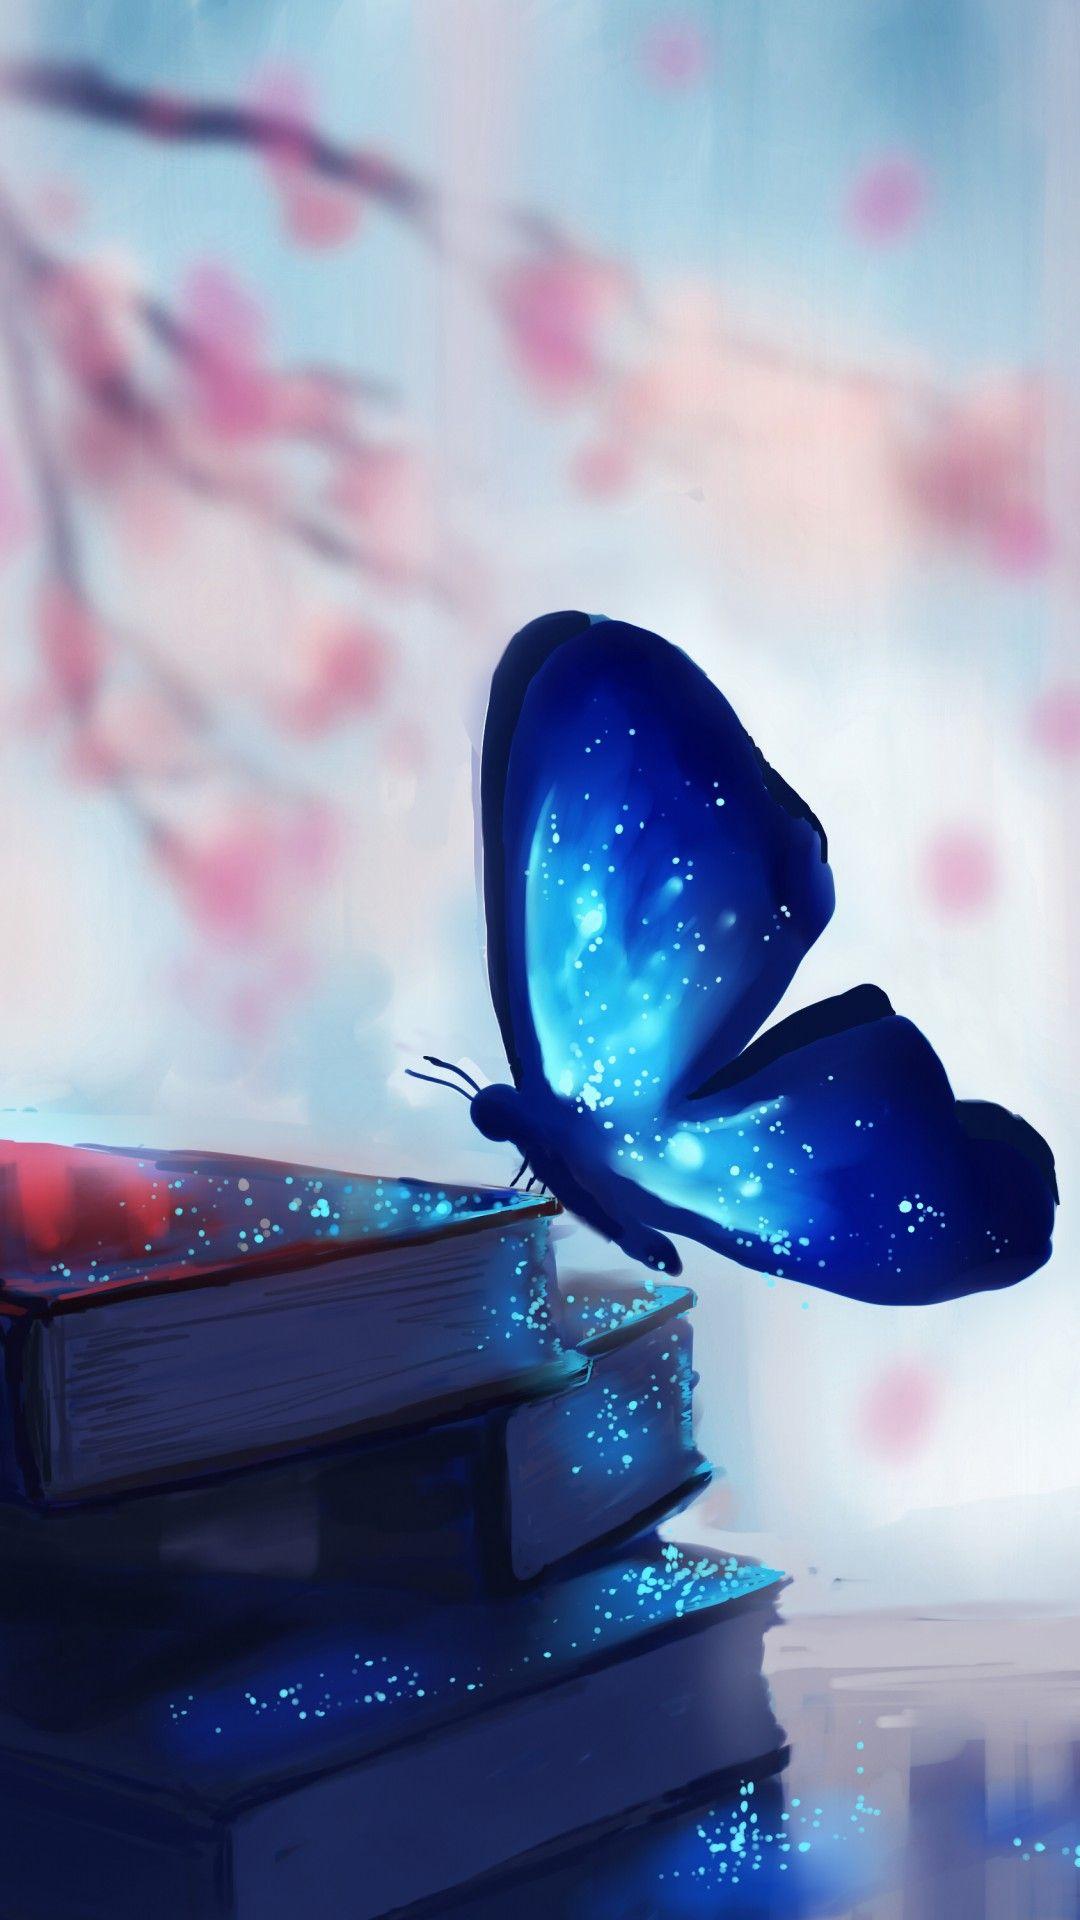 Blue Butterfly Wallpaper Home Screen In 2020 Pretty Wallpapers Pretty Wallpaper Iphone Butterfly Wallpaper